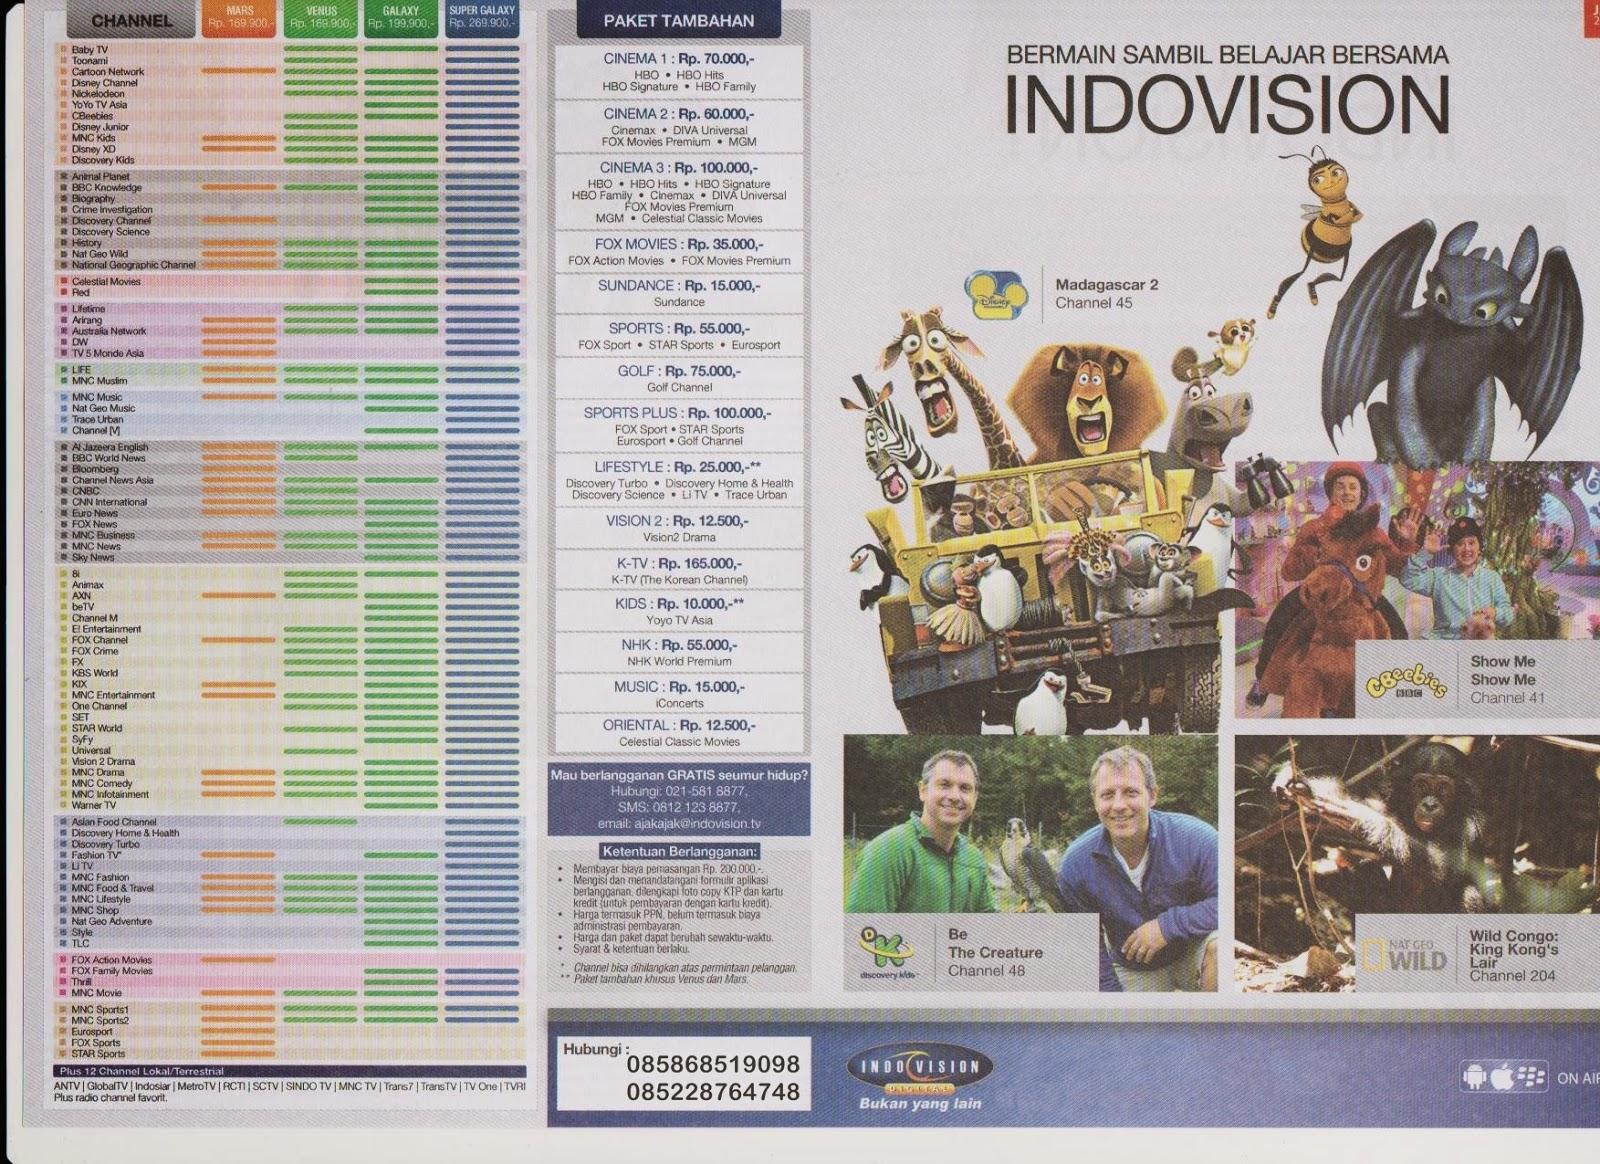 Promo tv berlangganan indovision okevision toptv bulan maret 2013